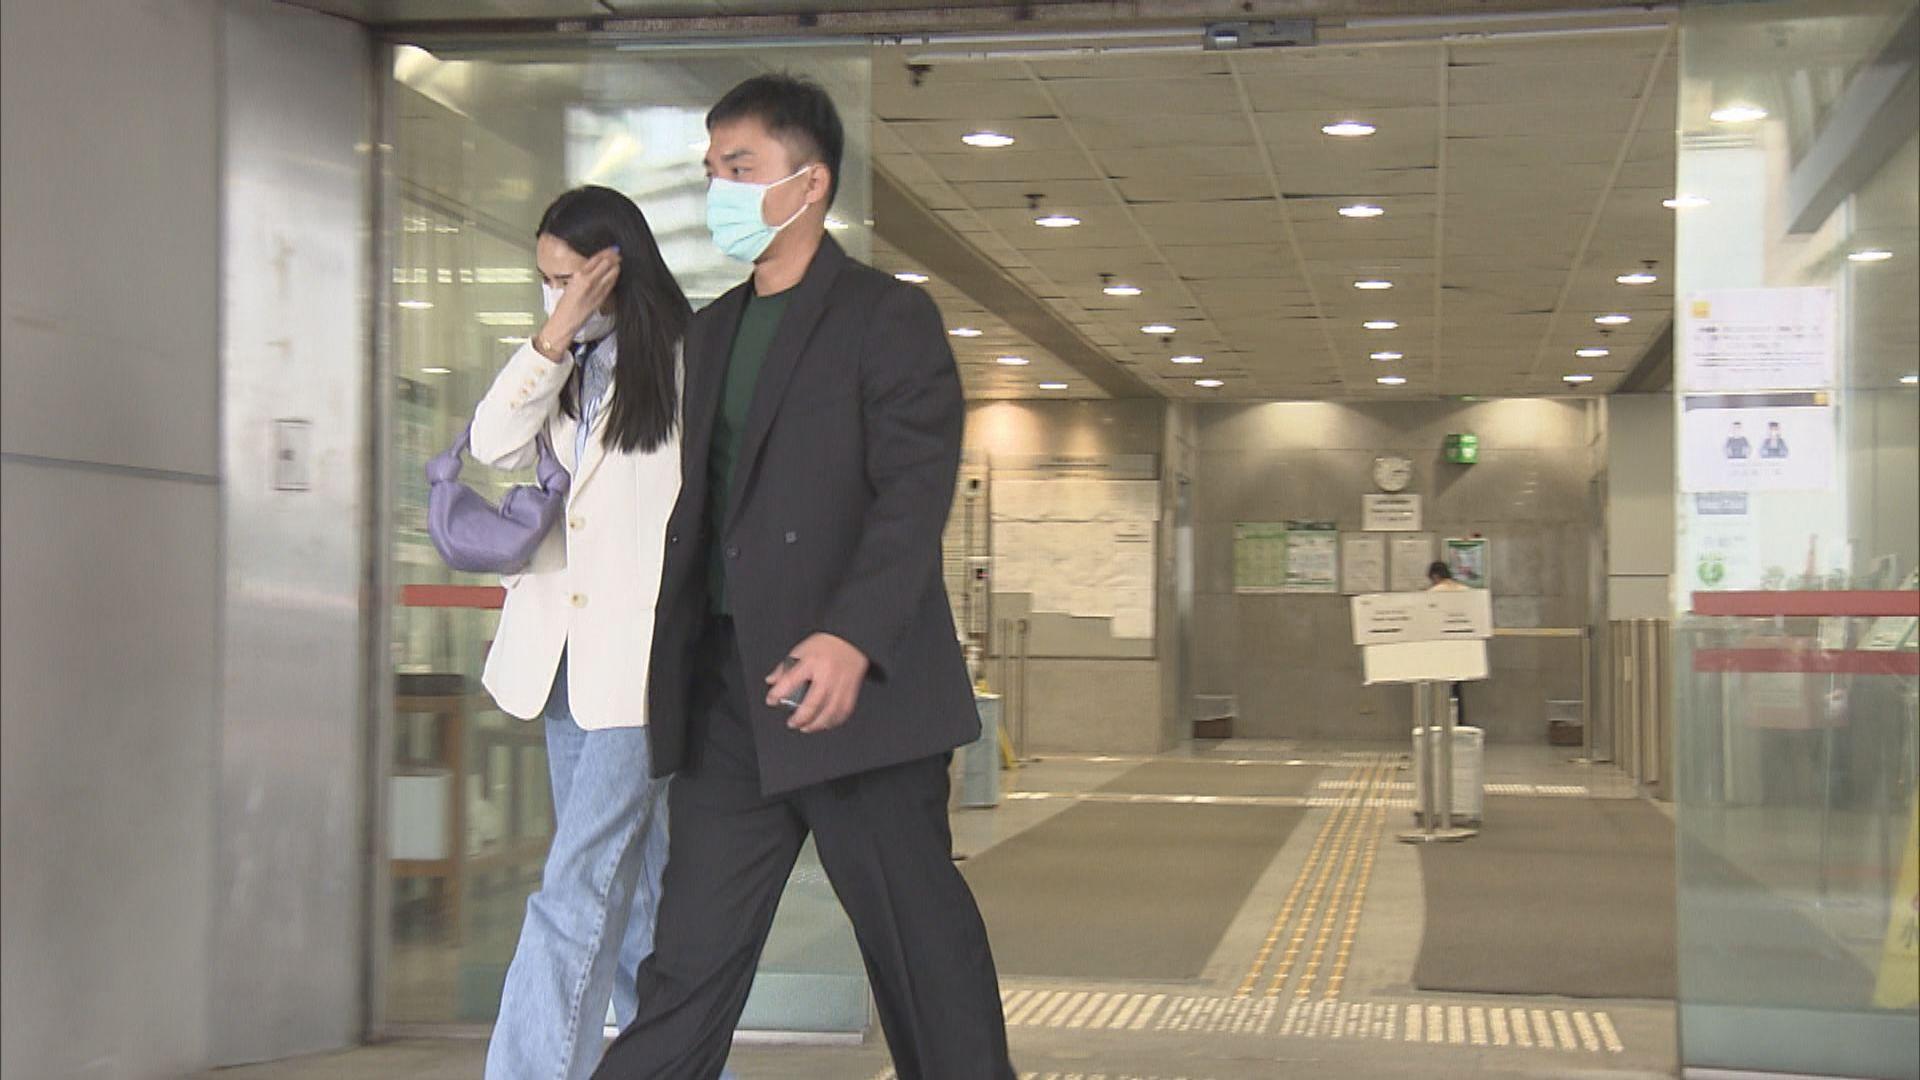 藝人楊明推翻認罪後再承認不小心駕駛 獲准保釋下月判刑